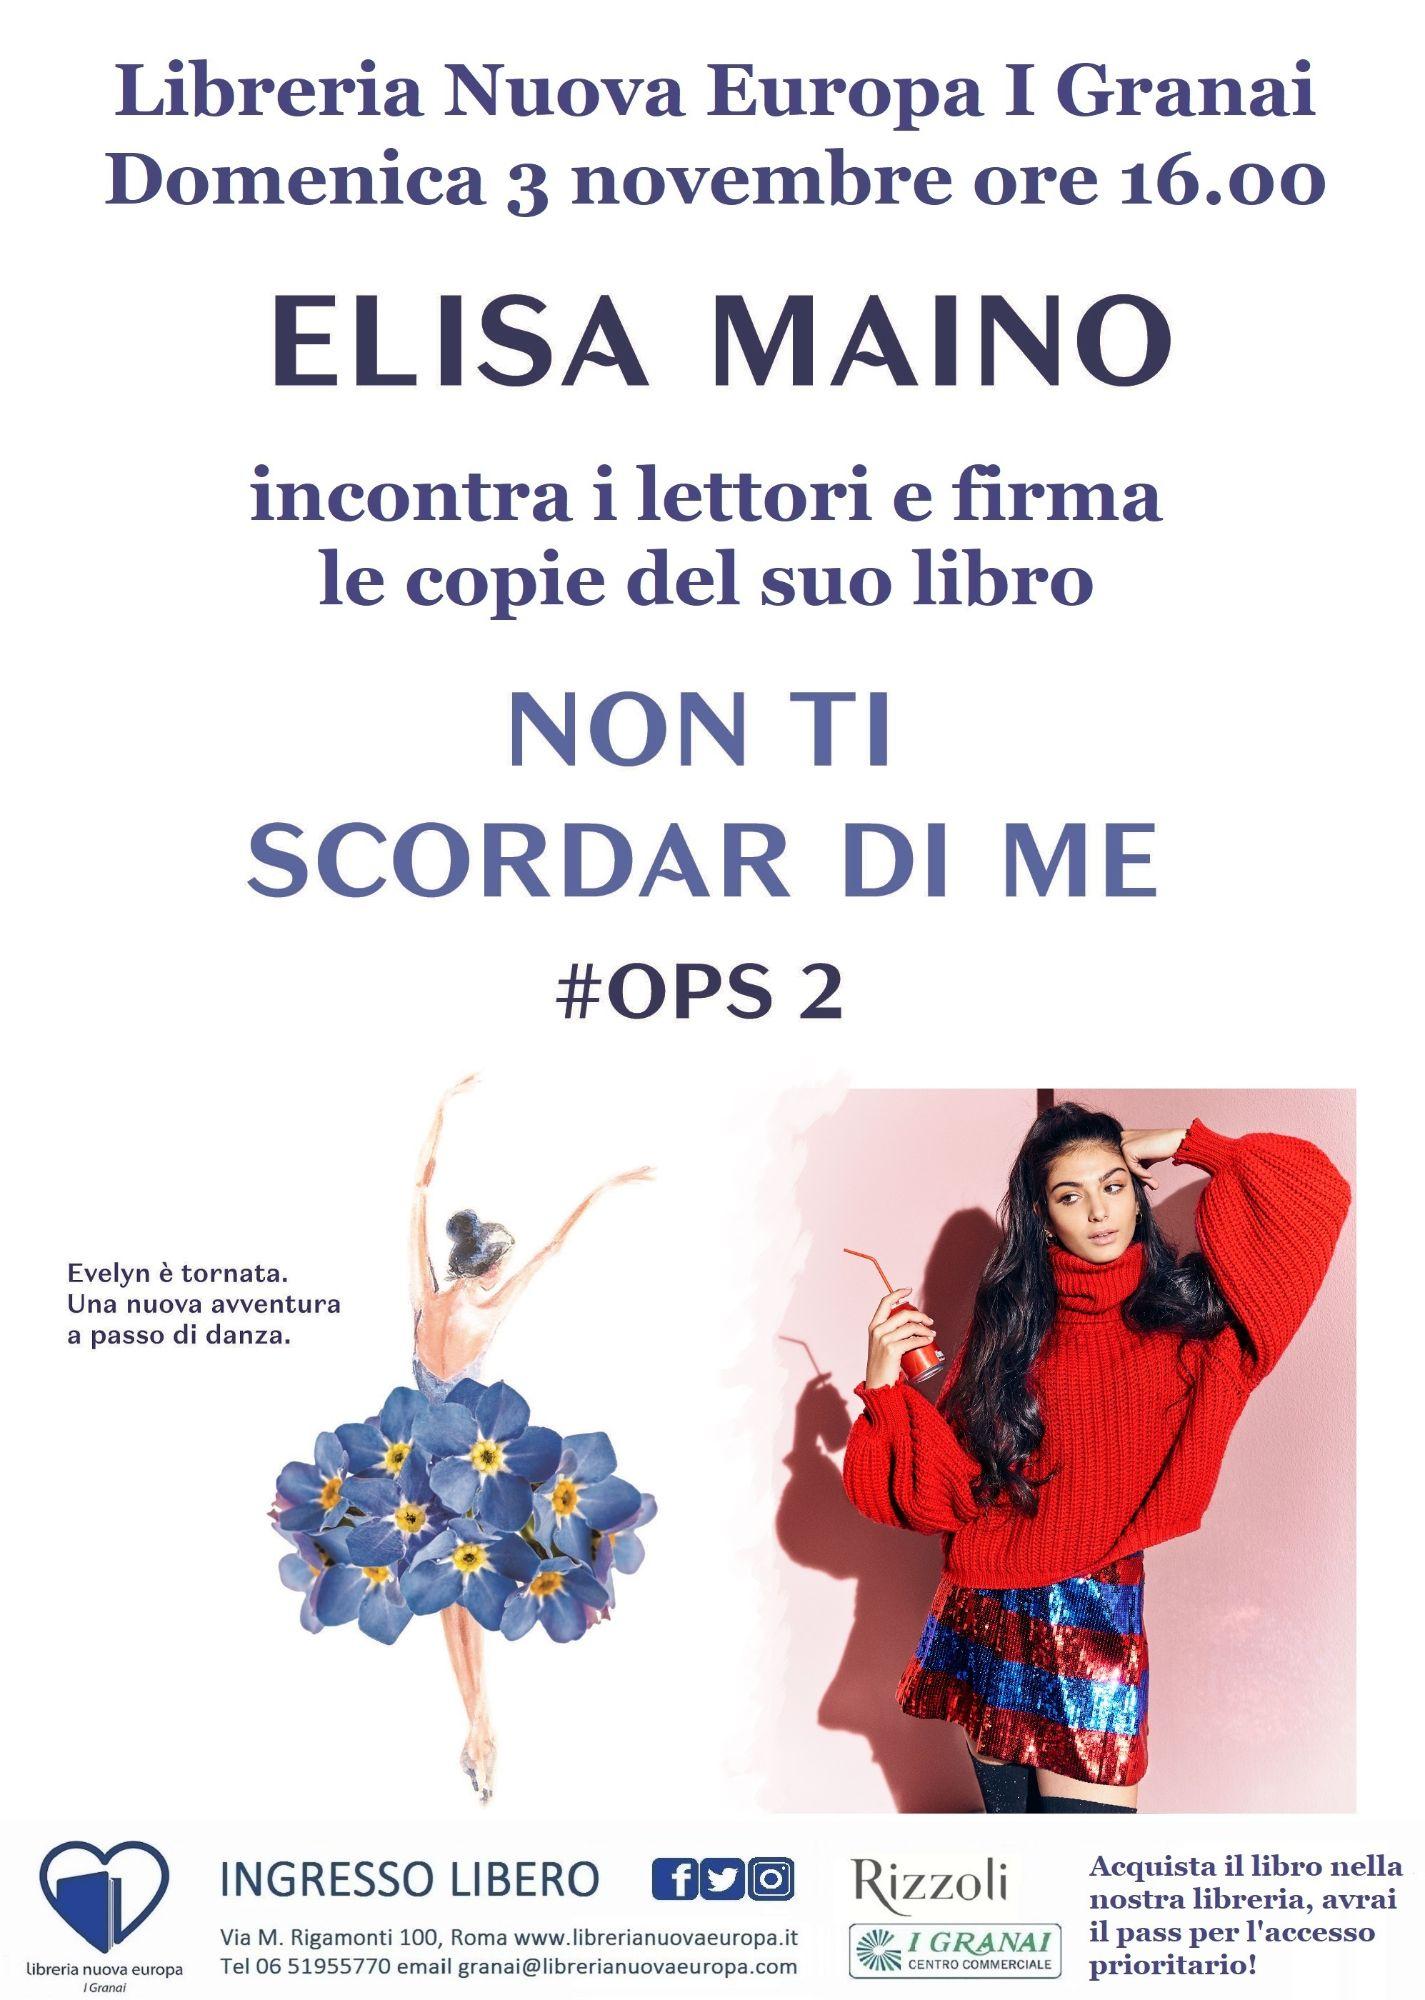 Elisa Maino incontra i lettori e firma Non ti scordar di me #ops 2